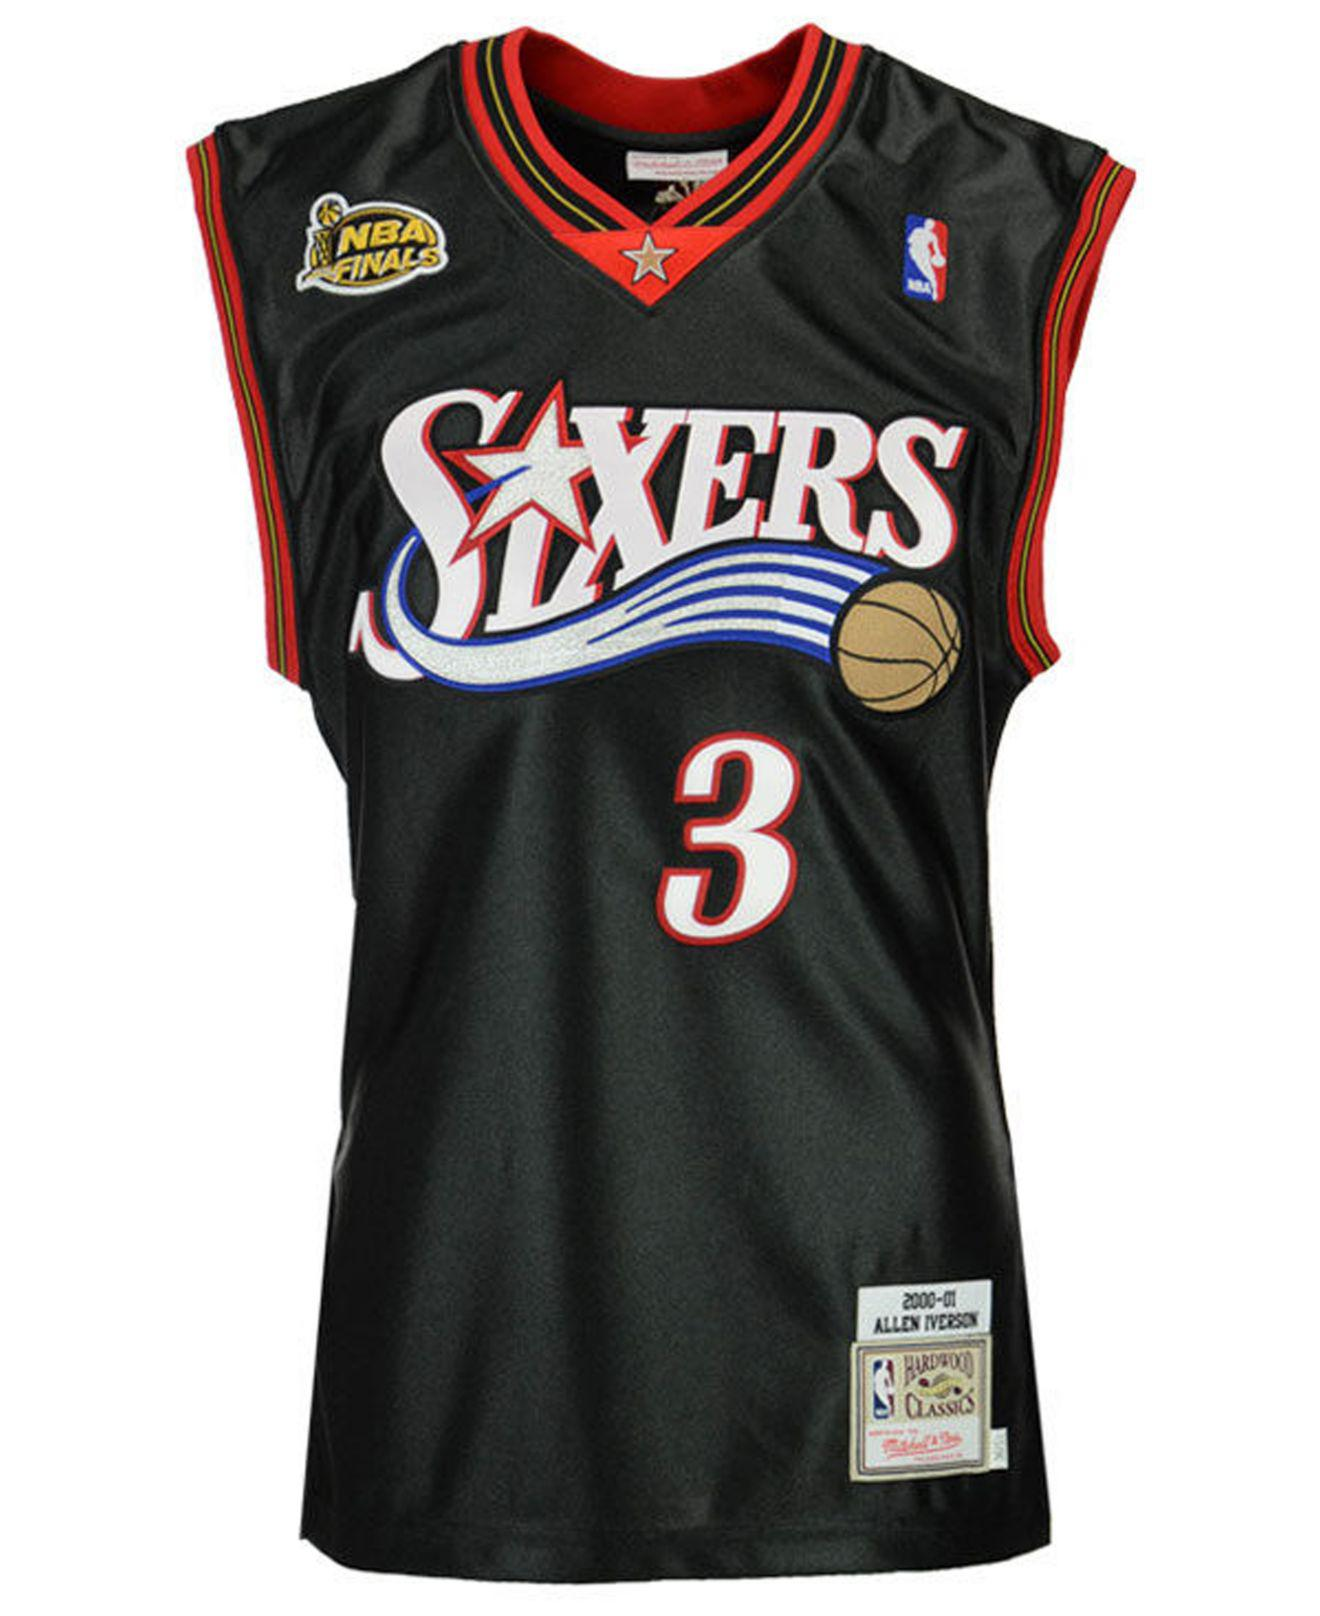 cheaper 05037 56cce Men's Black Allen Iverson Philadelphia 76ers Authentic Jersey